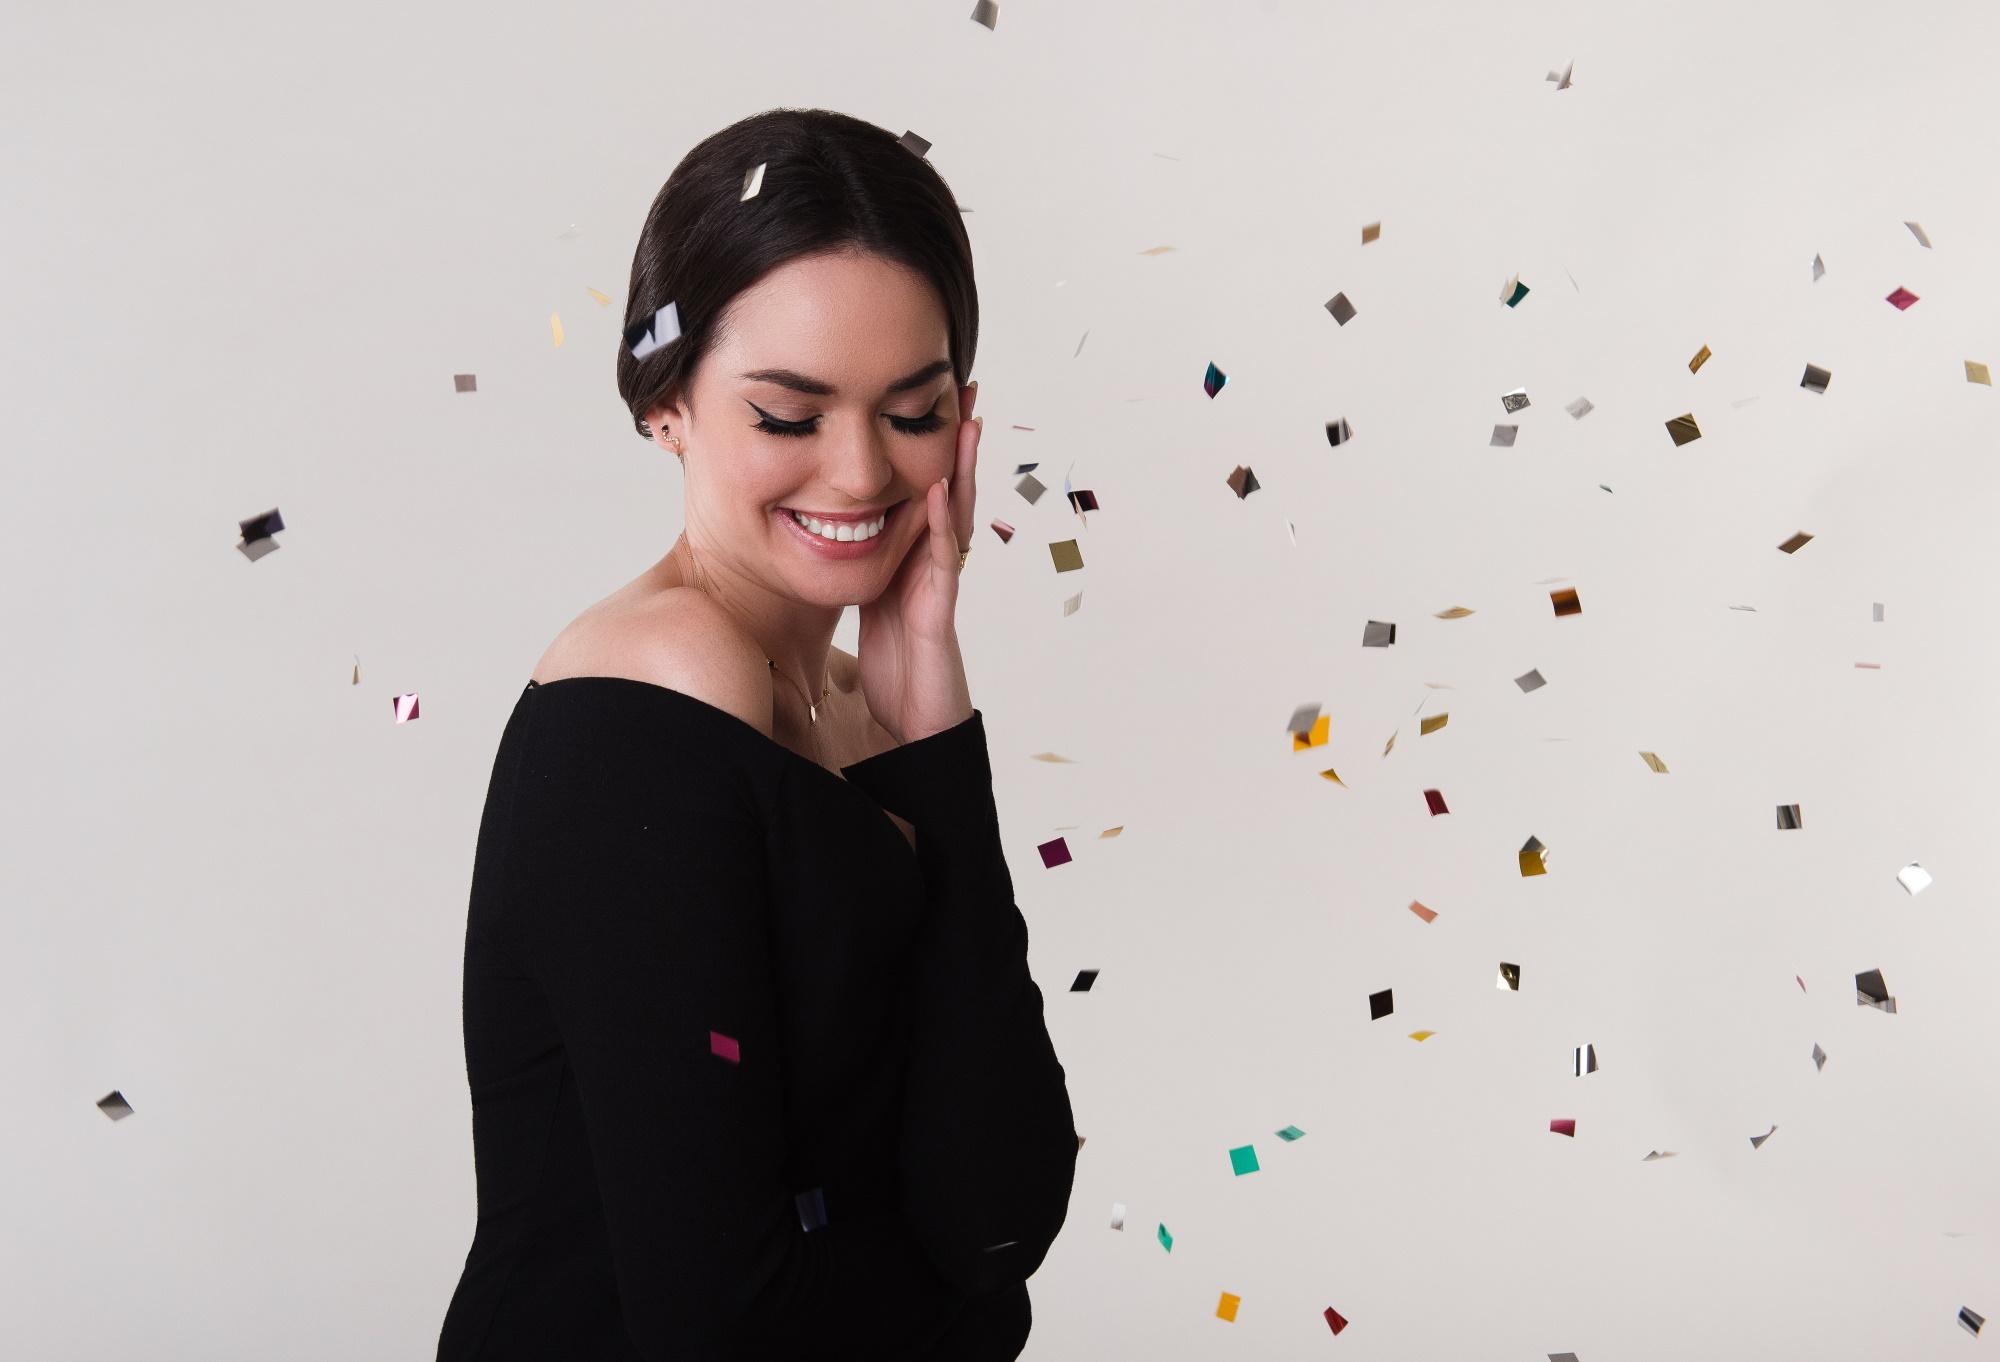 Tânără în bluză neagră care zâmbește, cu cercei în urechi și confetti